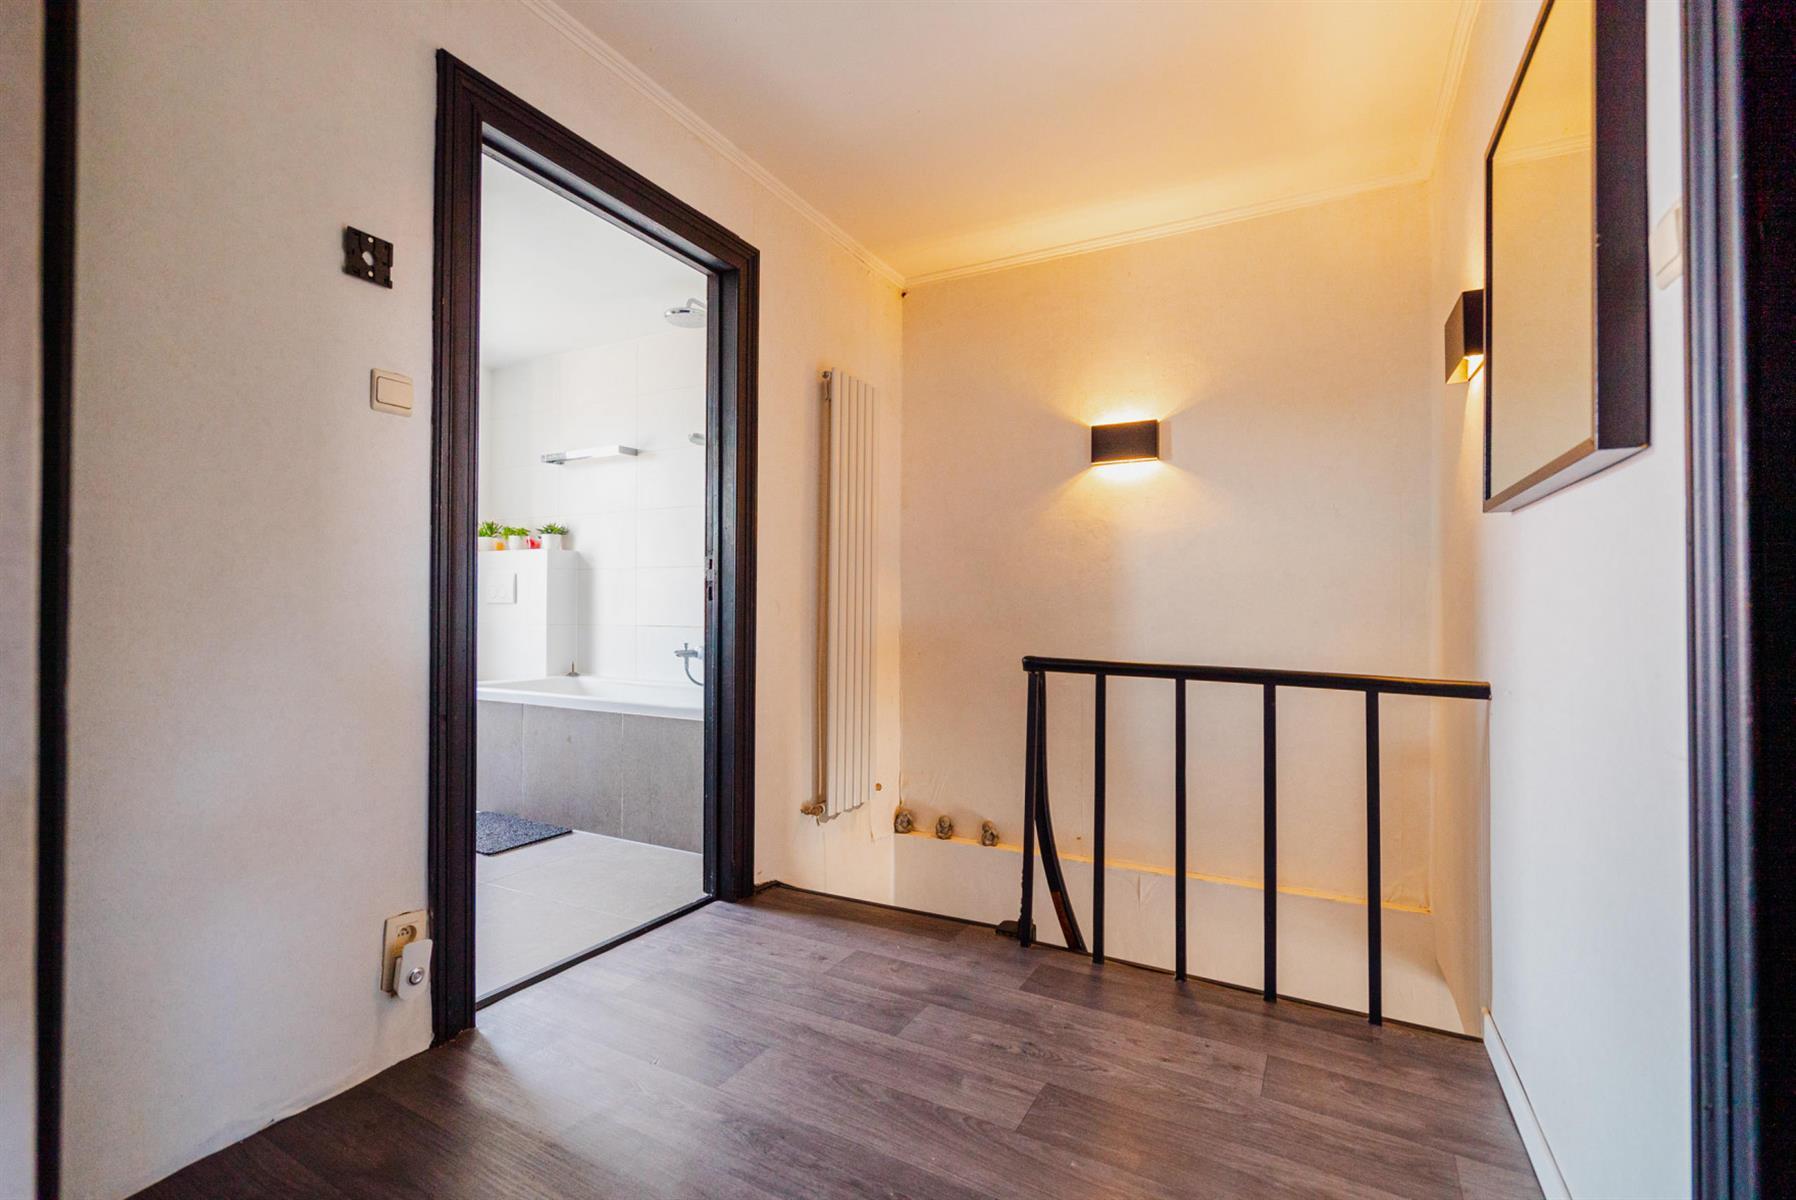 Maison - Lincent - #4407707-16